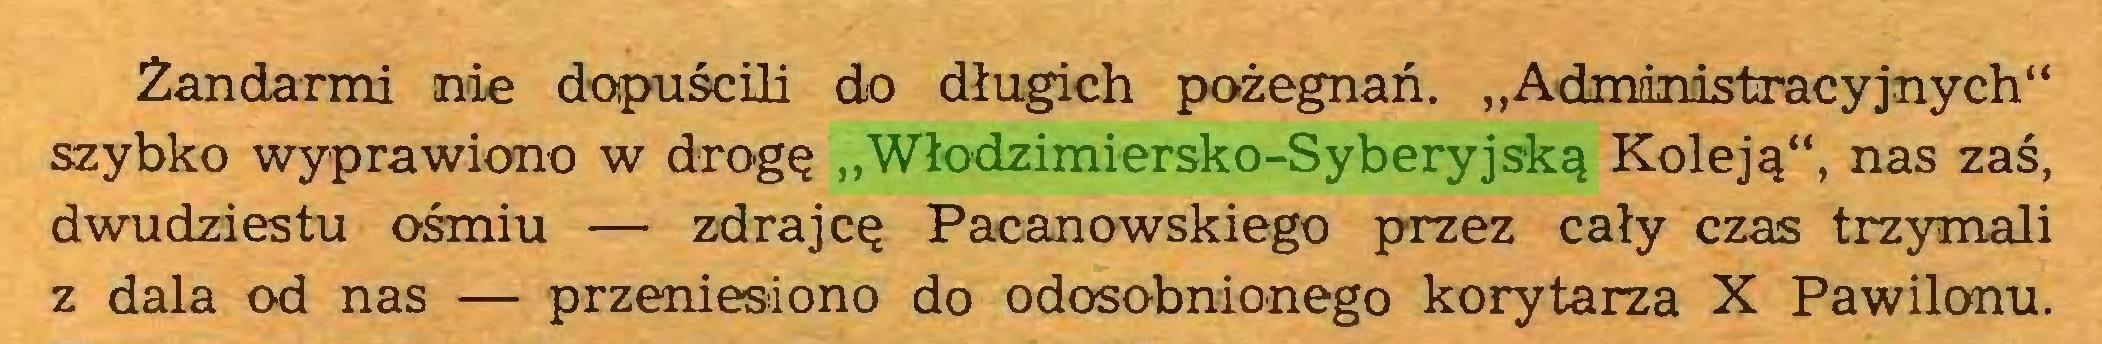 """(...) Żandarmi nde dopuścili do długich pożegnań. """"Administracyjnych"""" szybko wyprawiono w drogę """"Włodzimiersko-Syberyjską Koleją"""", nas zaś, dwudziestu ośmiu — zdrajcę Pacanowskiego przez cały czas trzymali z dala od nas — przeniesiono do odosobnionego korytarza X Pawilonu..."""